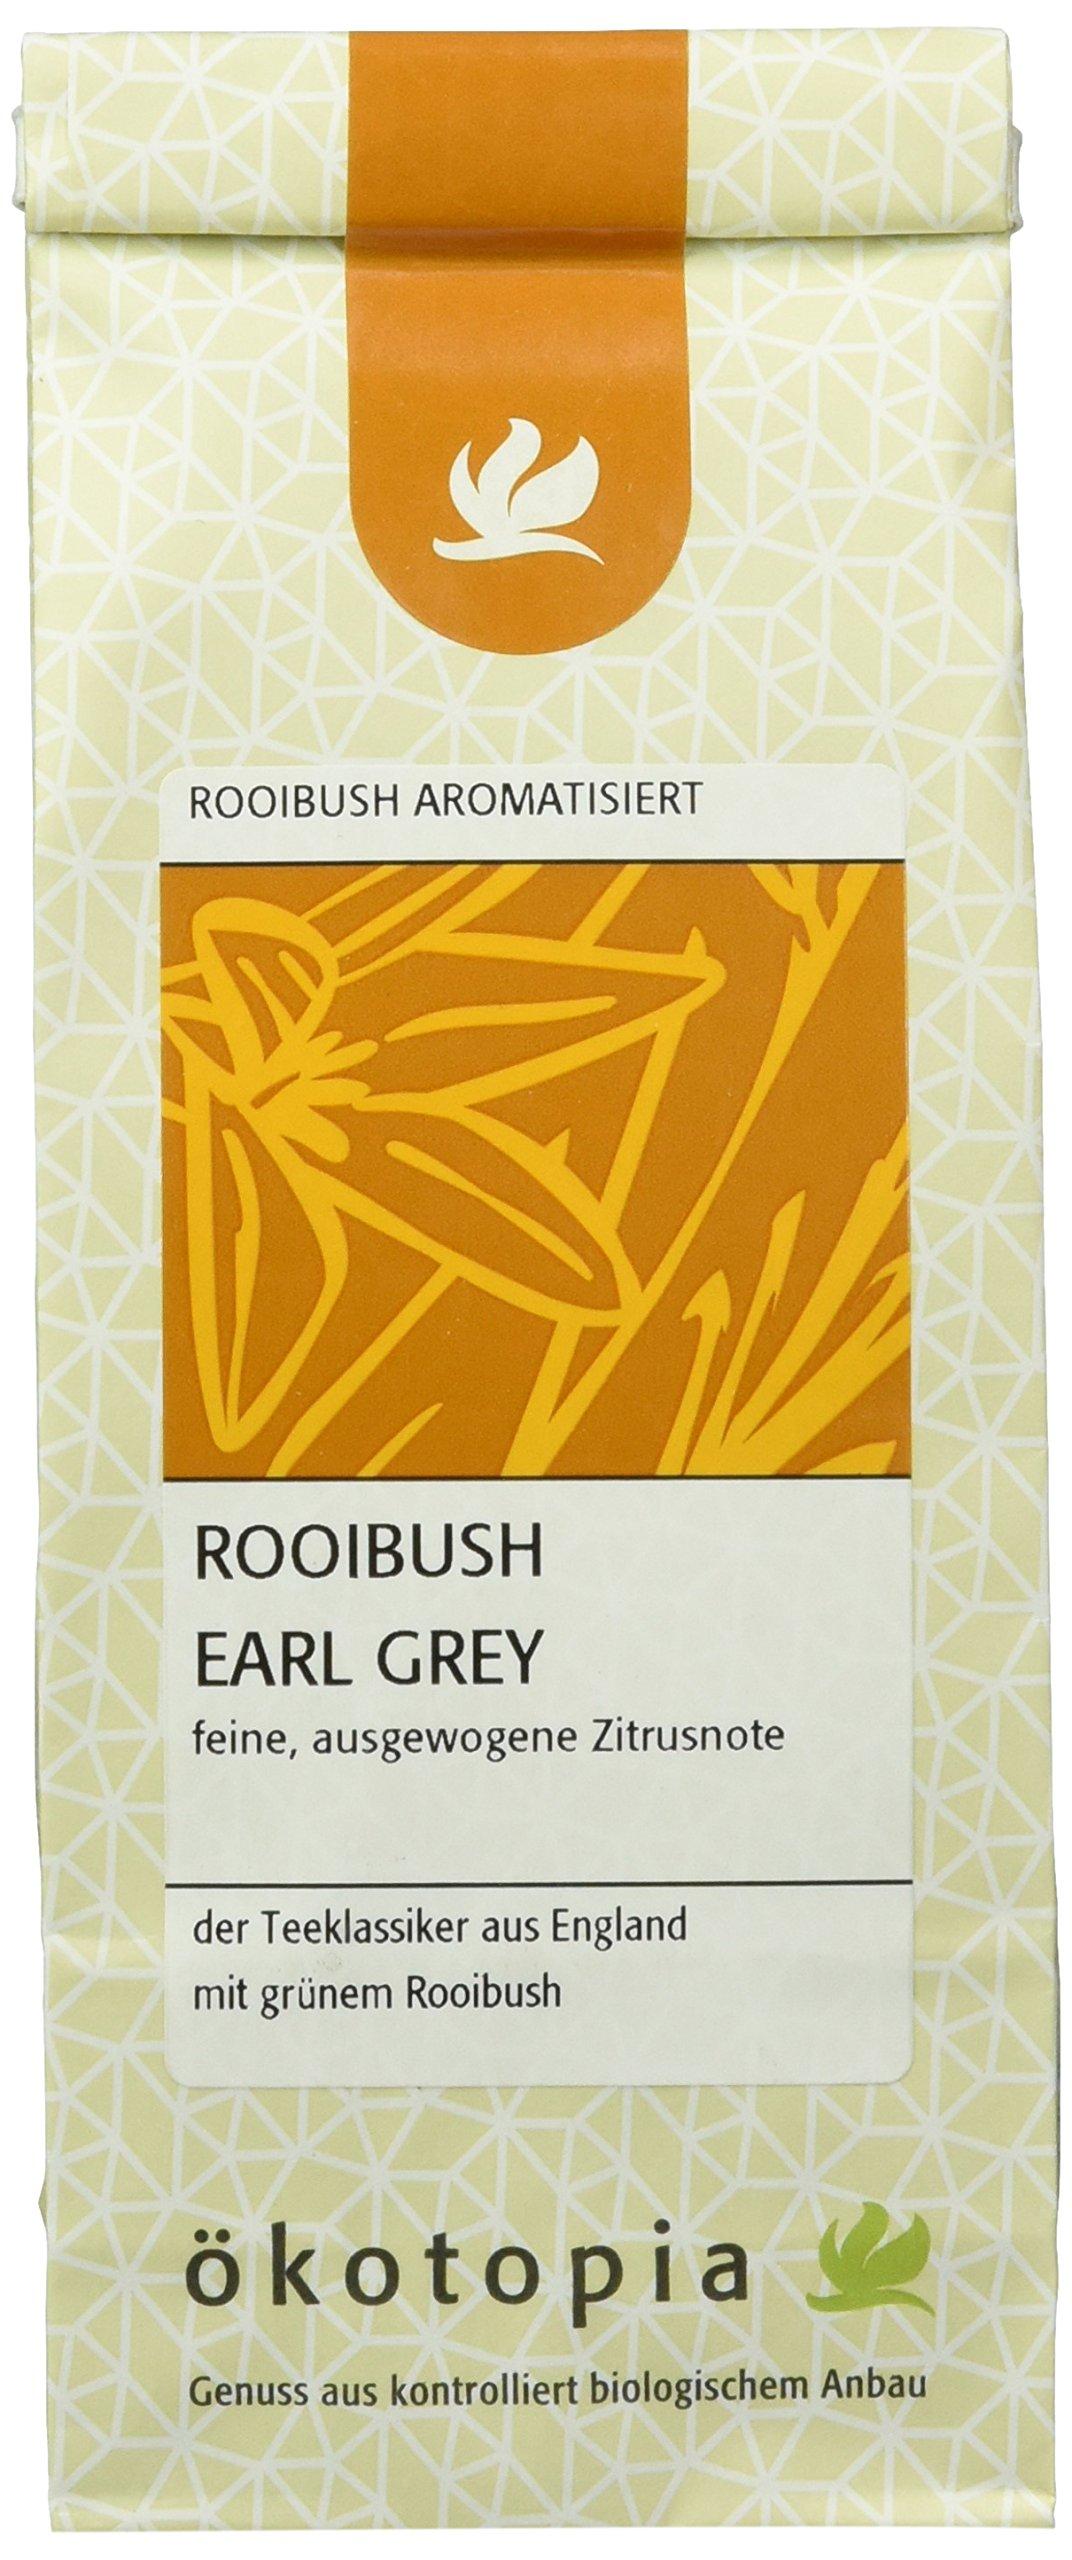 kotopia-Rooibush-Earl-Grey-5er-Pack-5-x-100-g